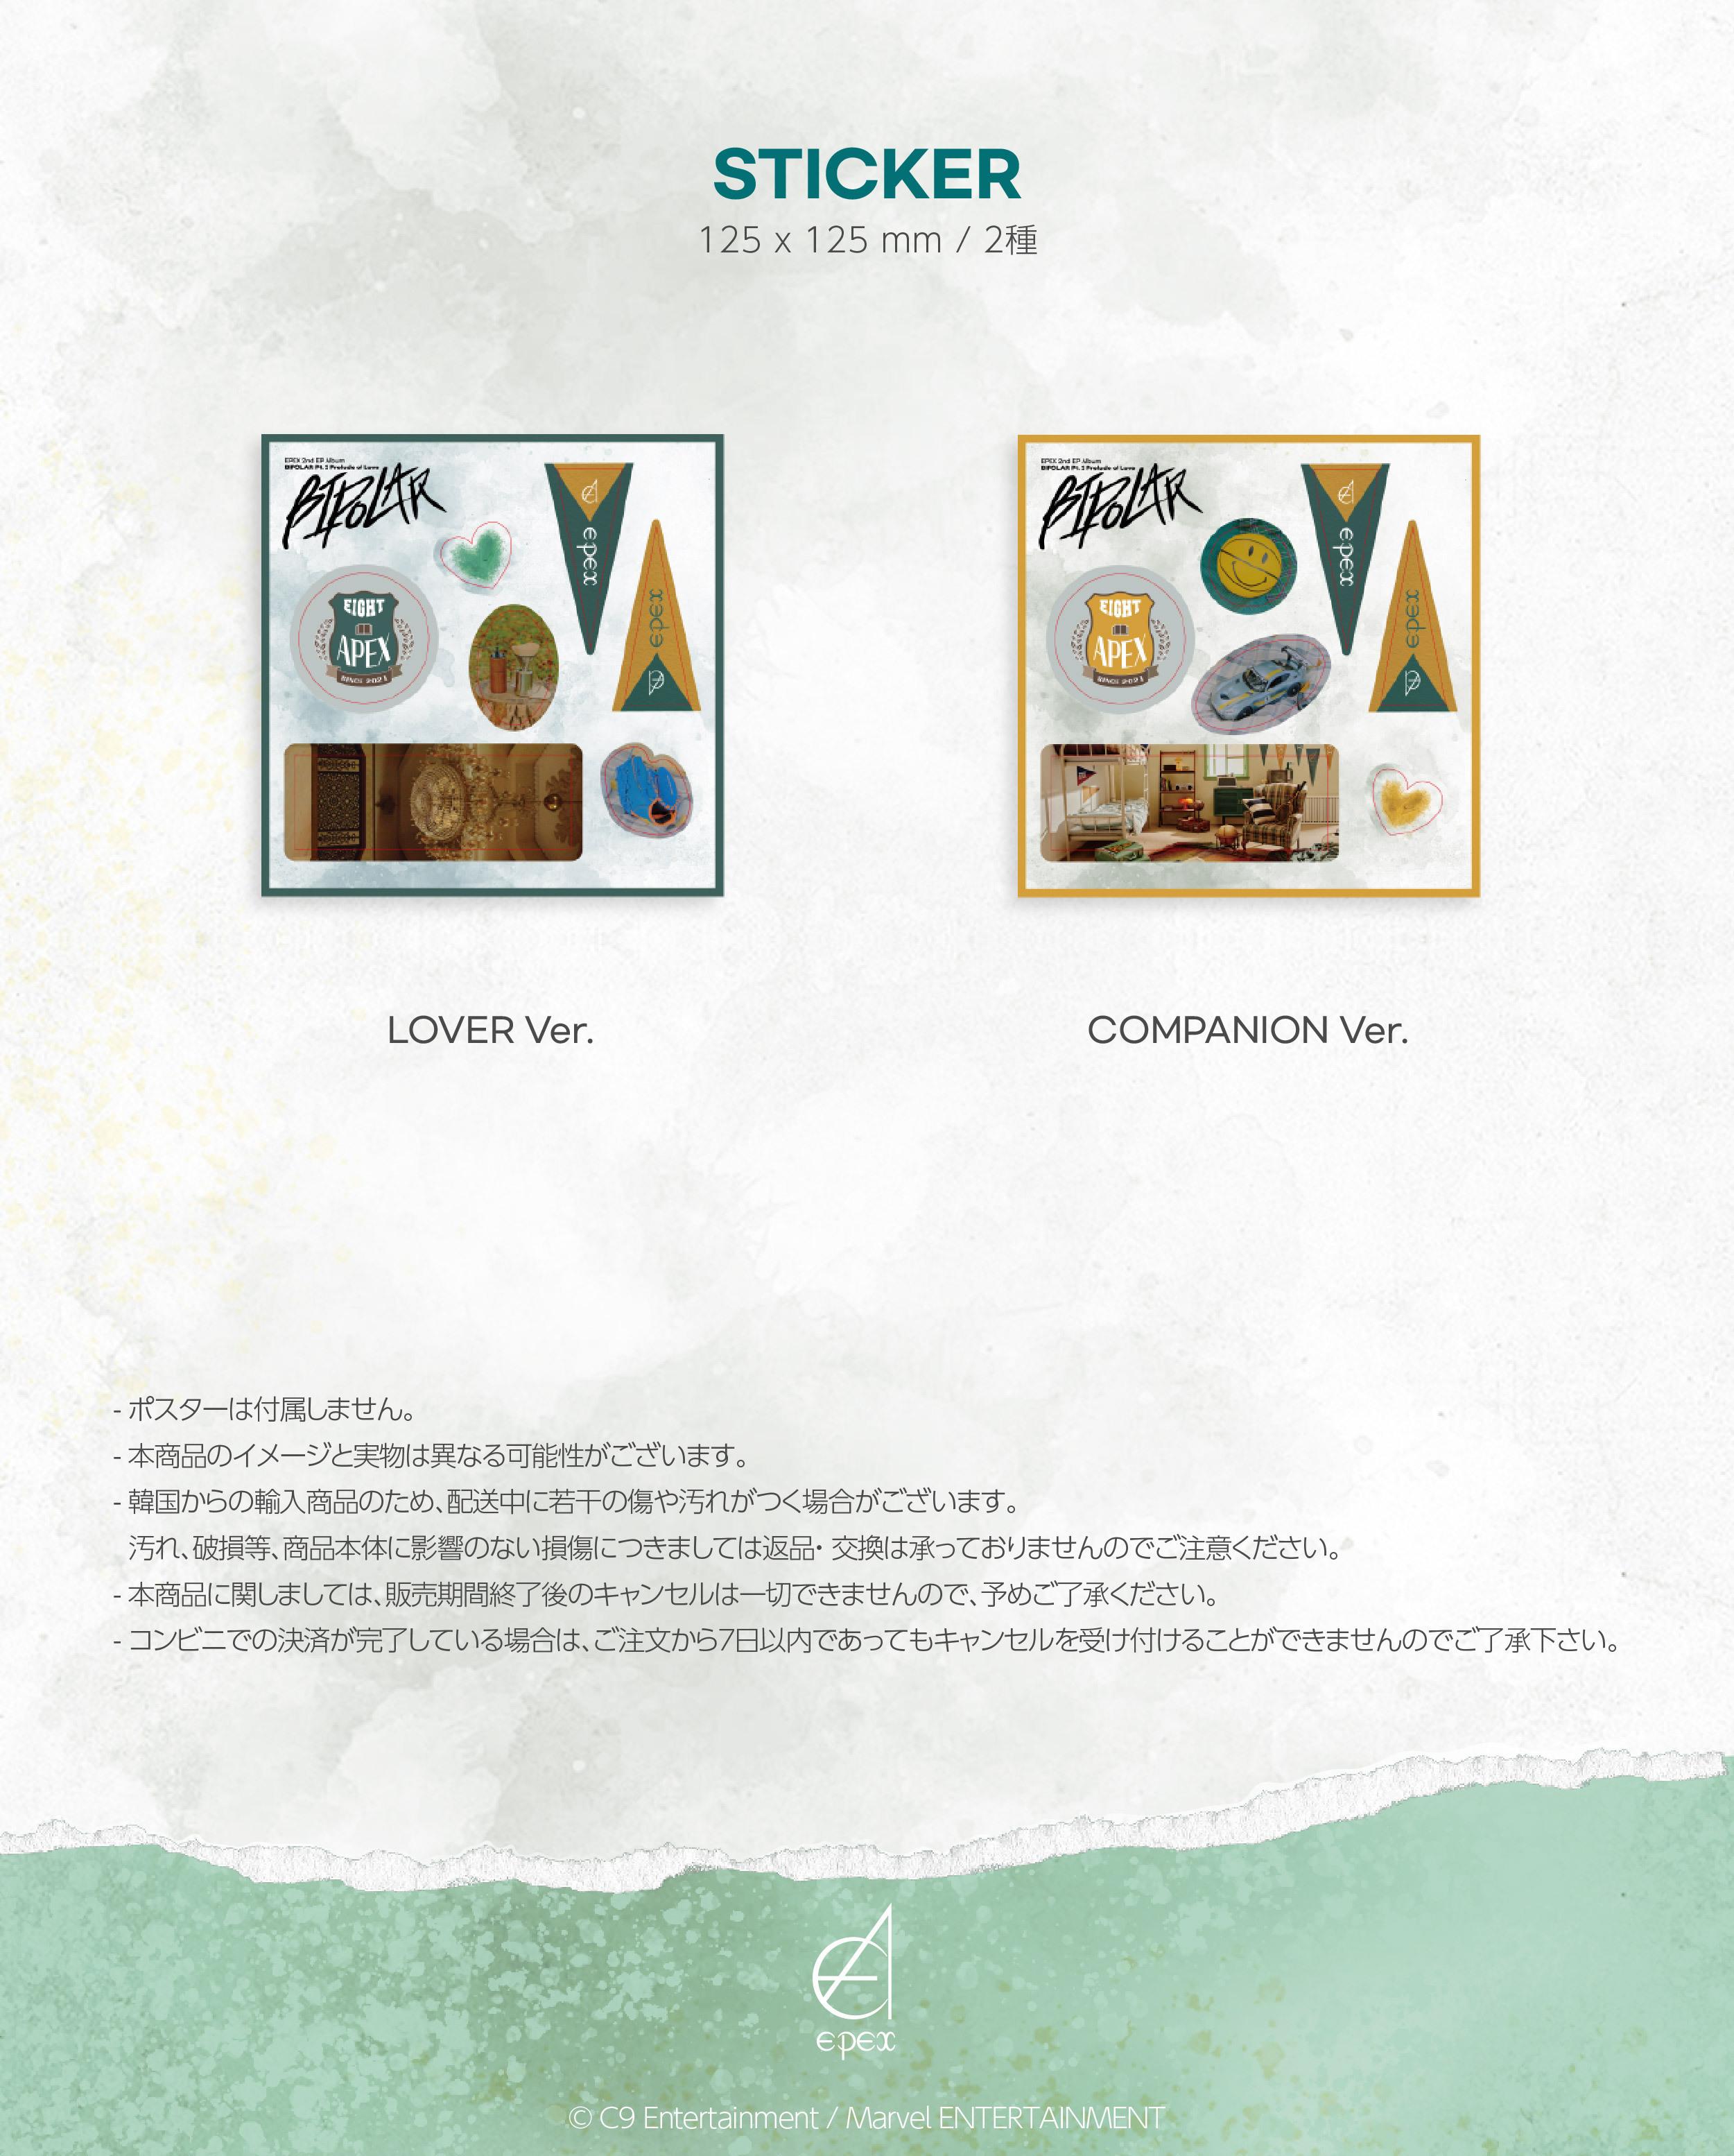 【販売終了/11月12日開催/3部】EPEX 2nd EP Album BIPOLAR Pt. 2 사랑의 서 : Prelude of Love【オンライン個別握手会対象】